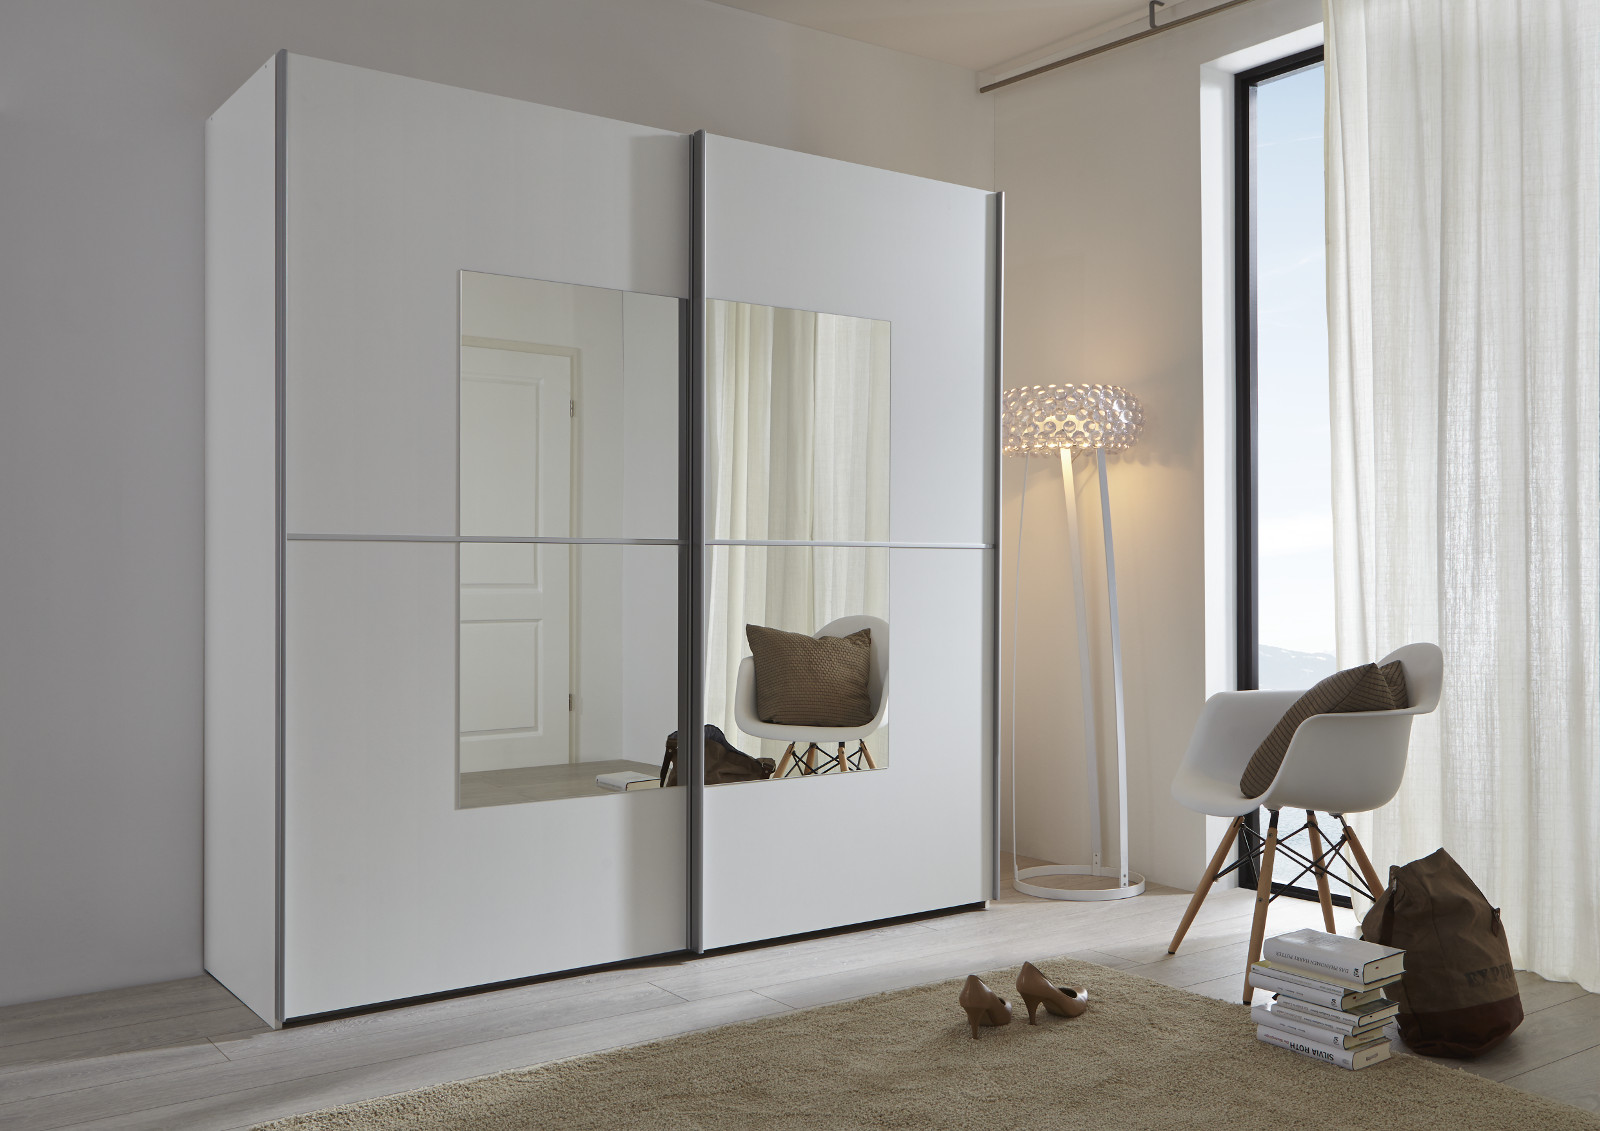 Wohnzimmerdecke for Komplett schlafzimmer luca